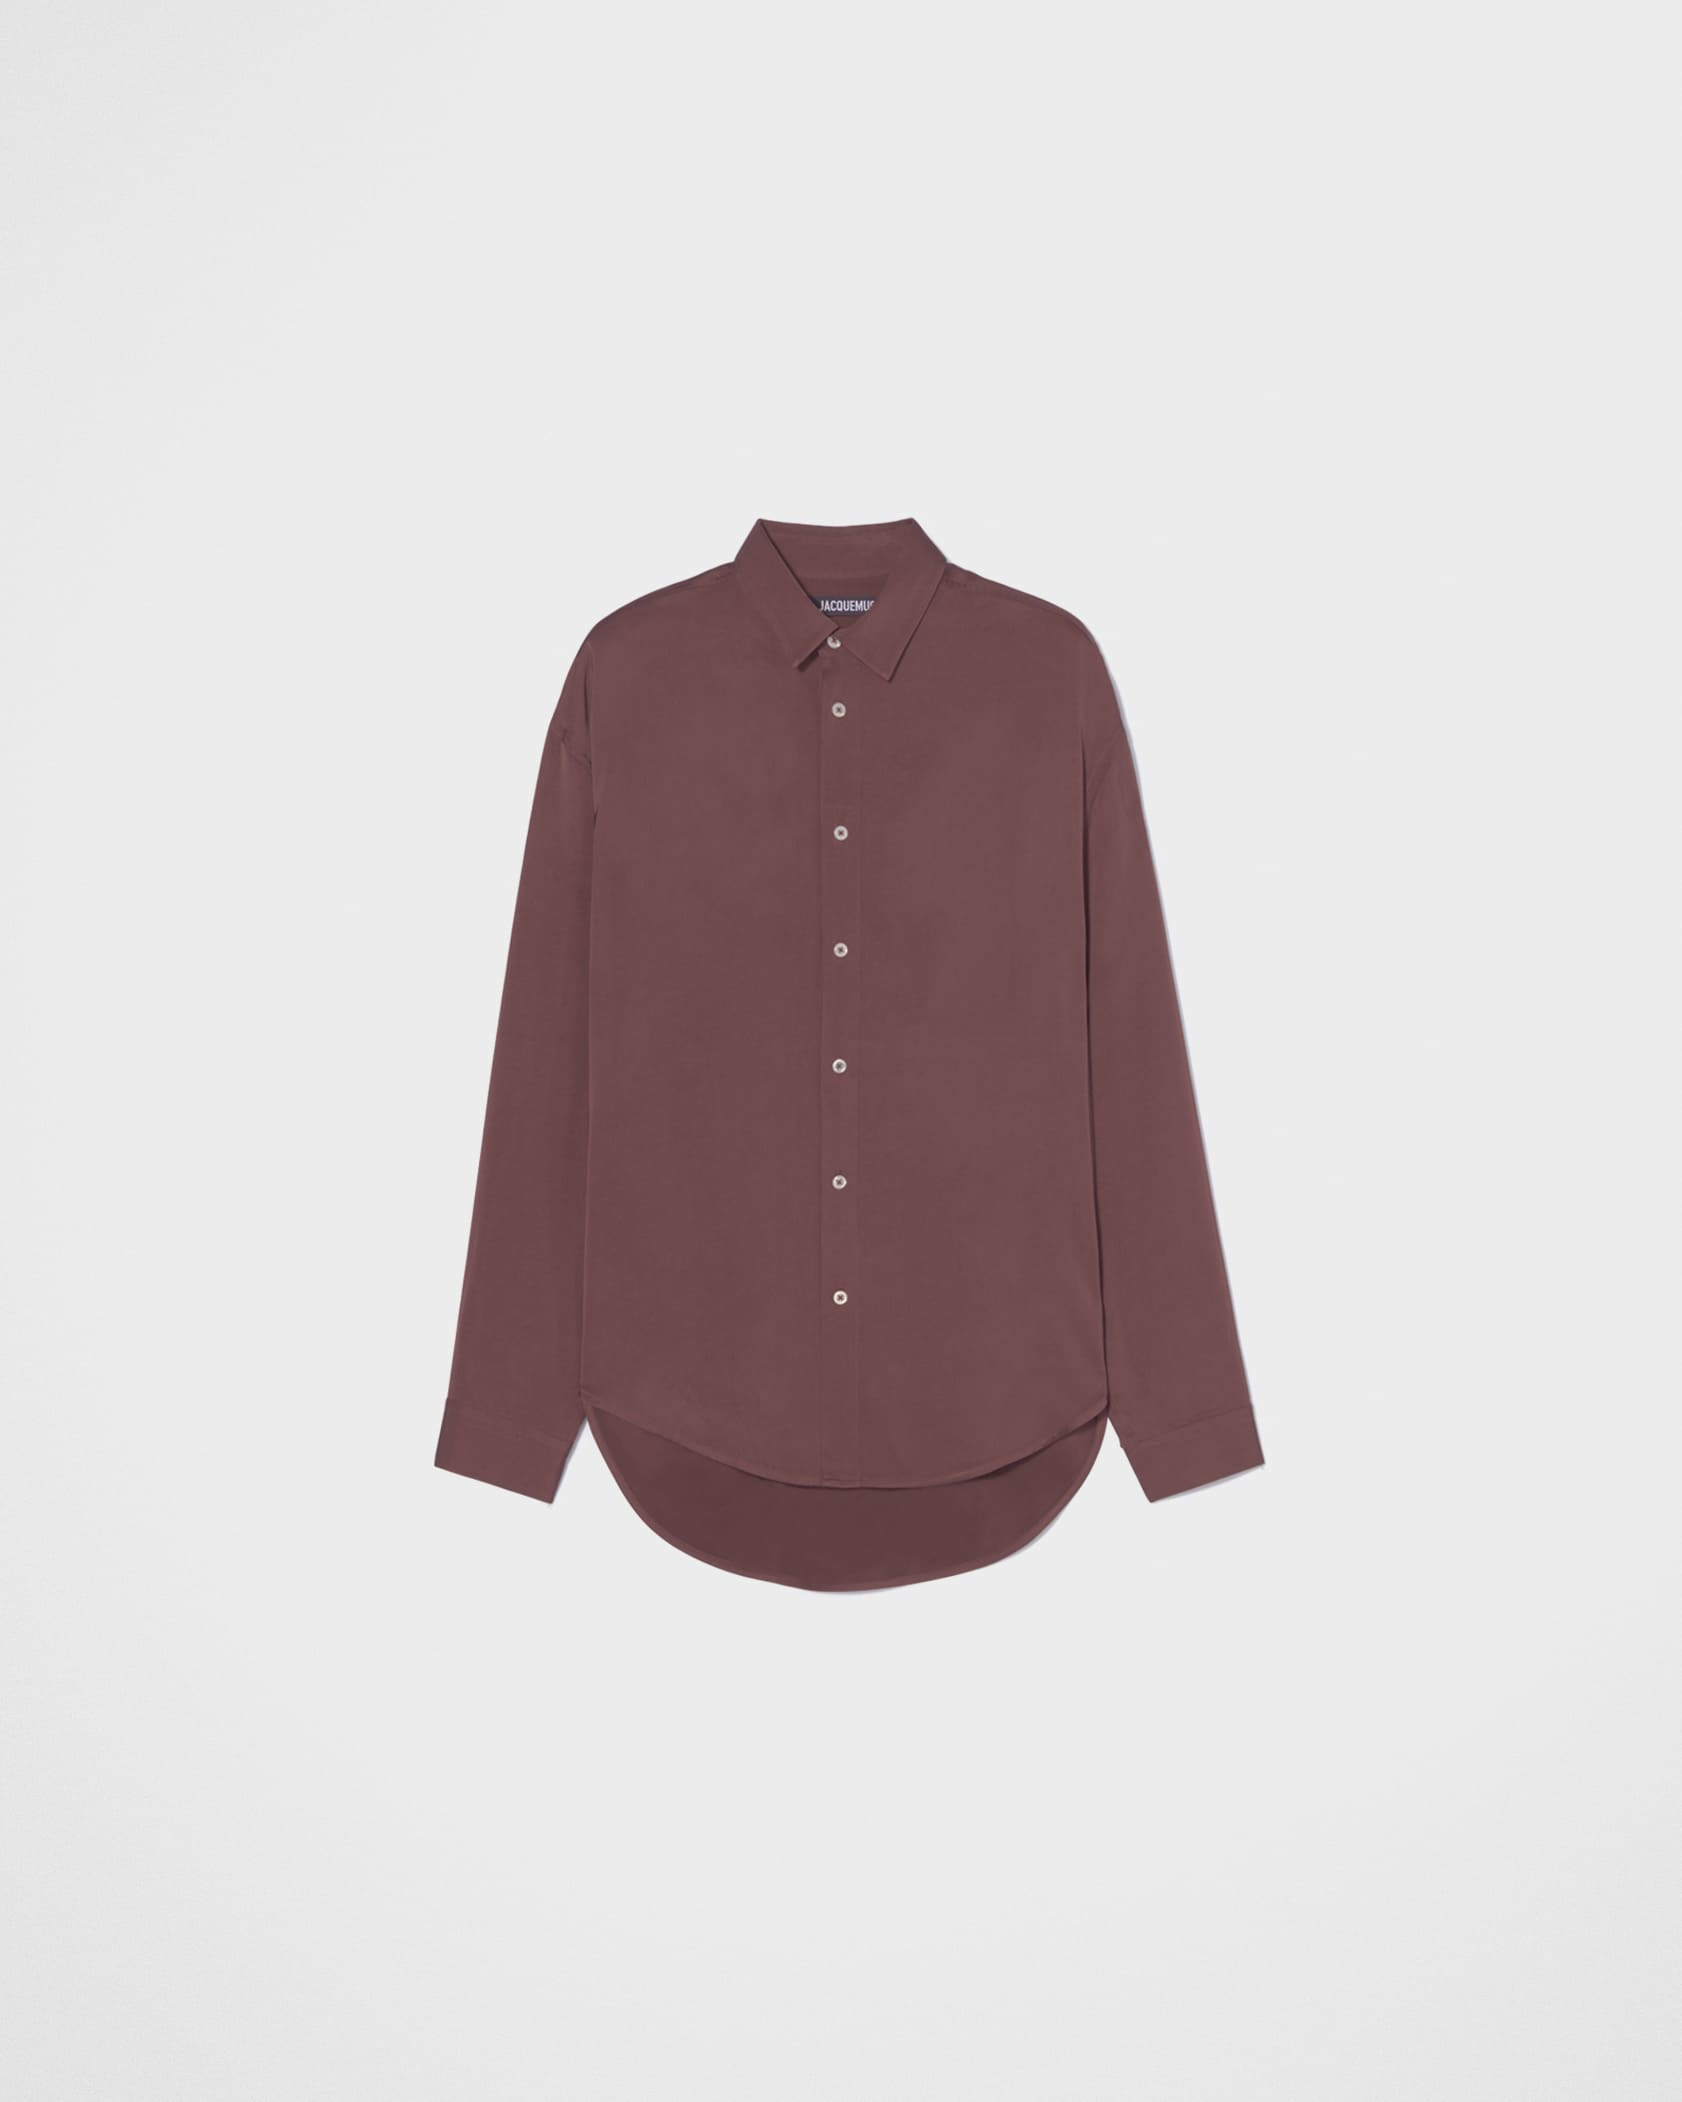 La chemise Notte